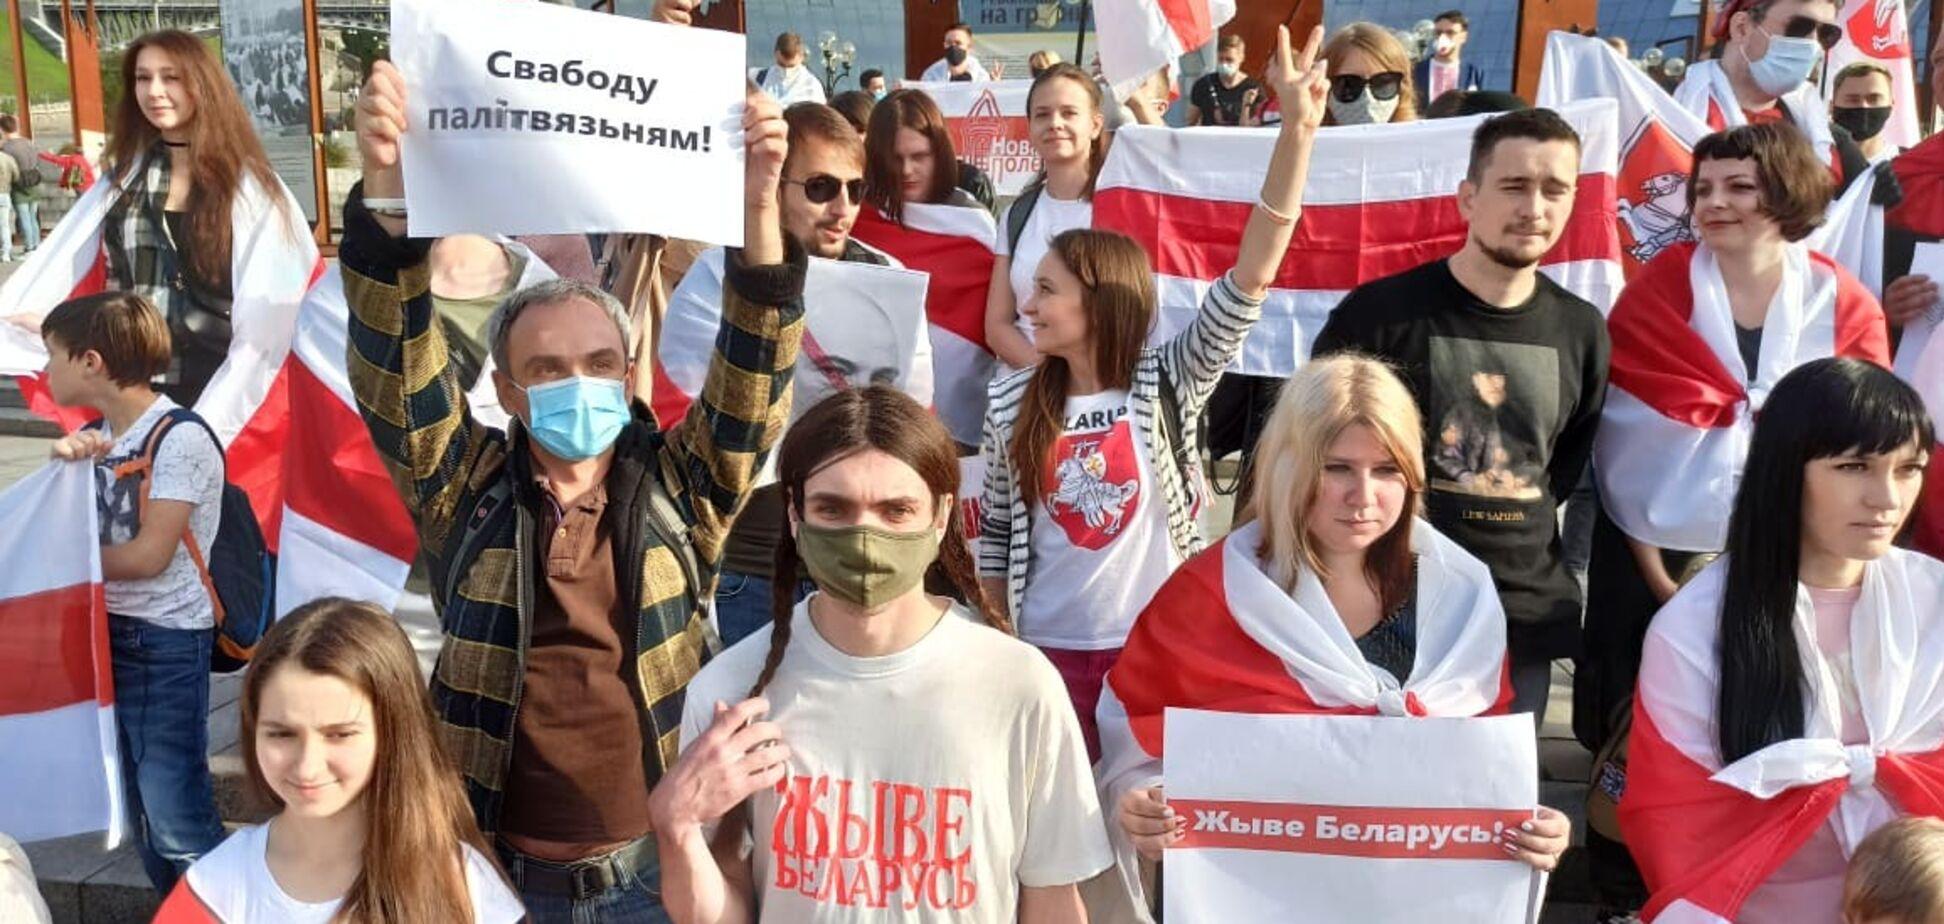 На Майдане прошла акция солидарности с белорусскими политзаключенными